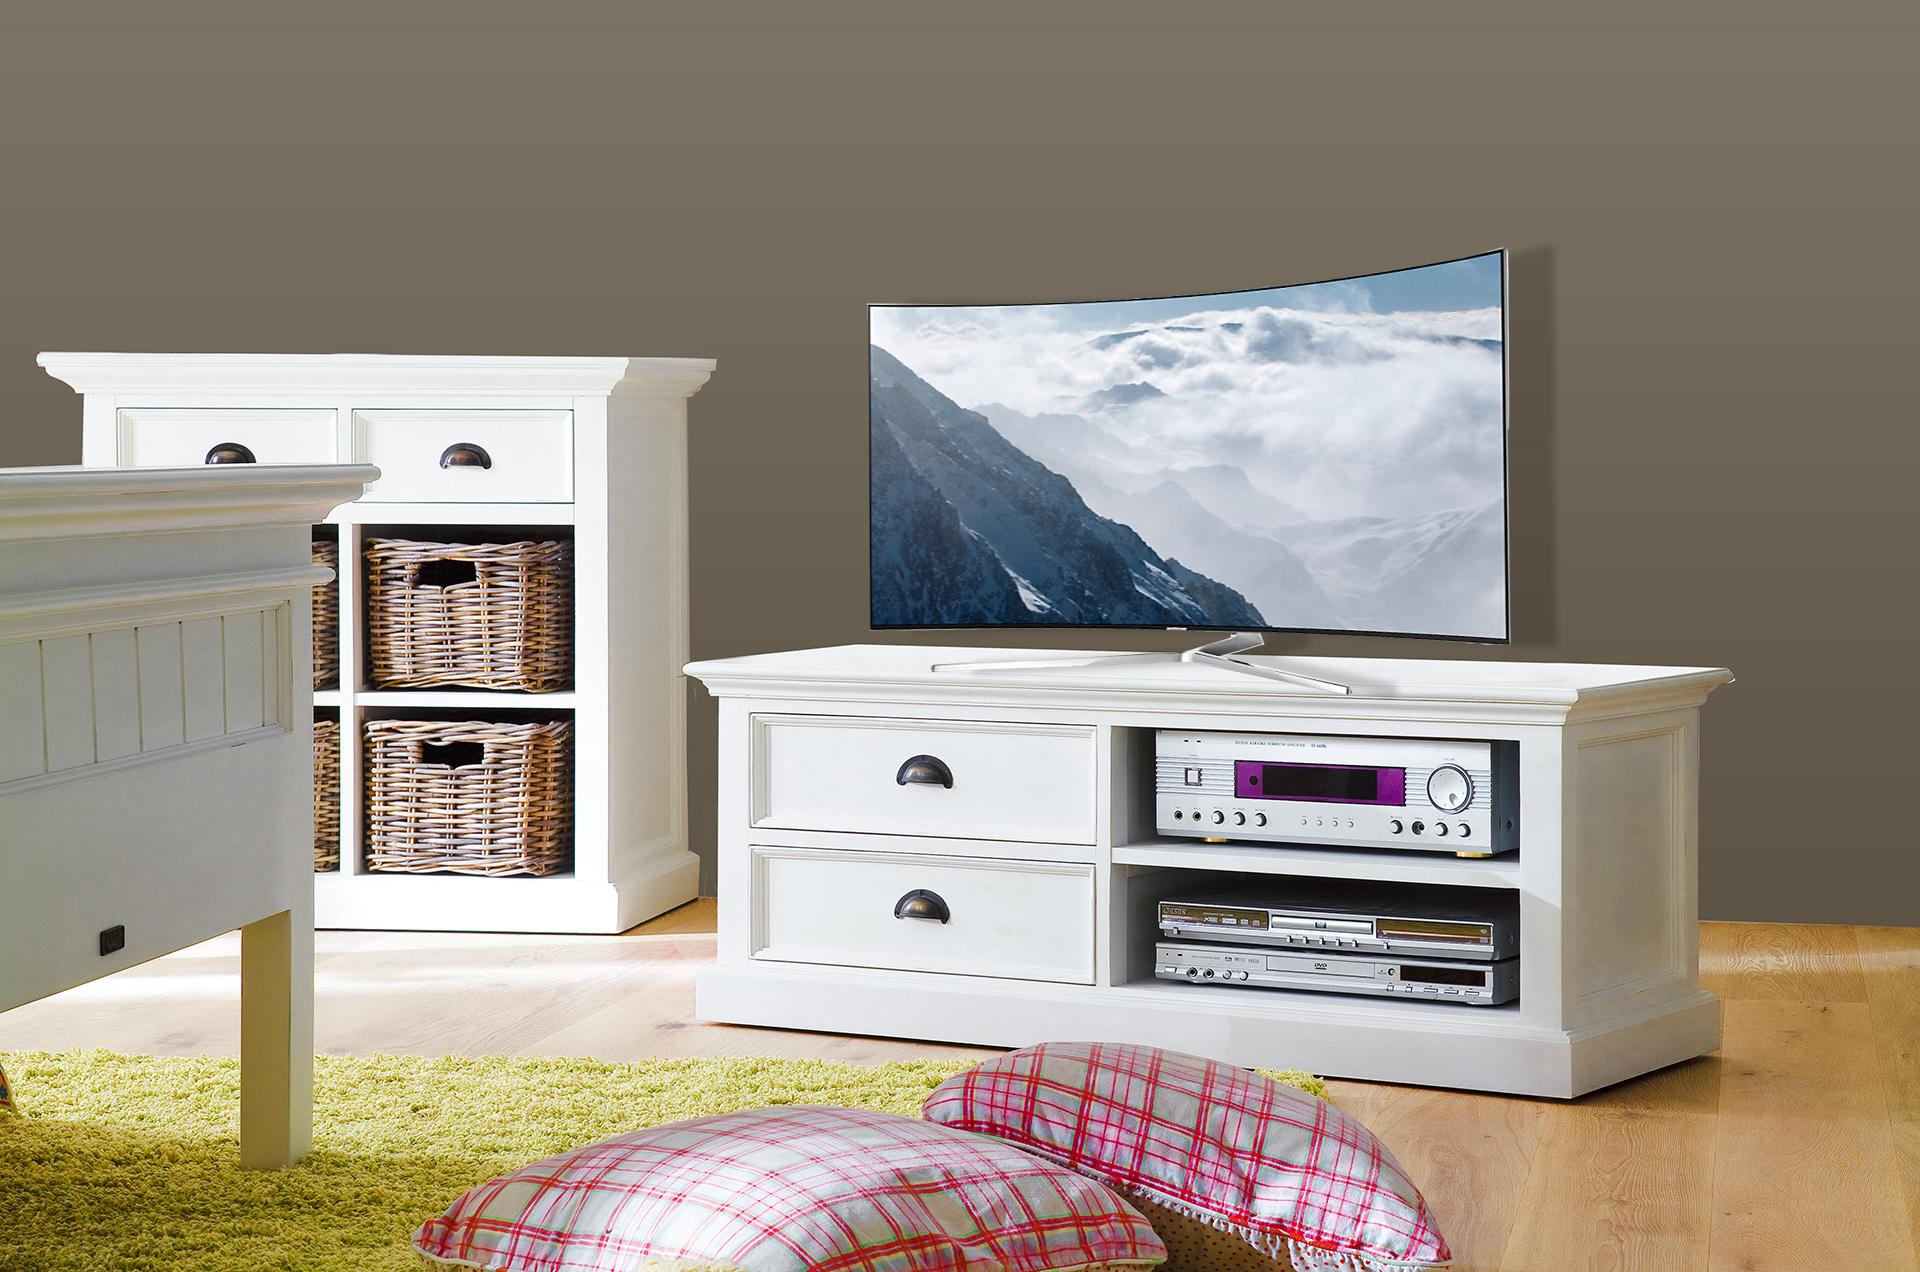 Lage Tv Kast : Tv kast in landelijke stijl uit de collectie van marcottestyle